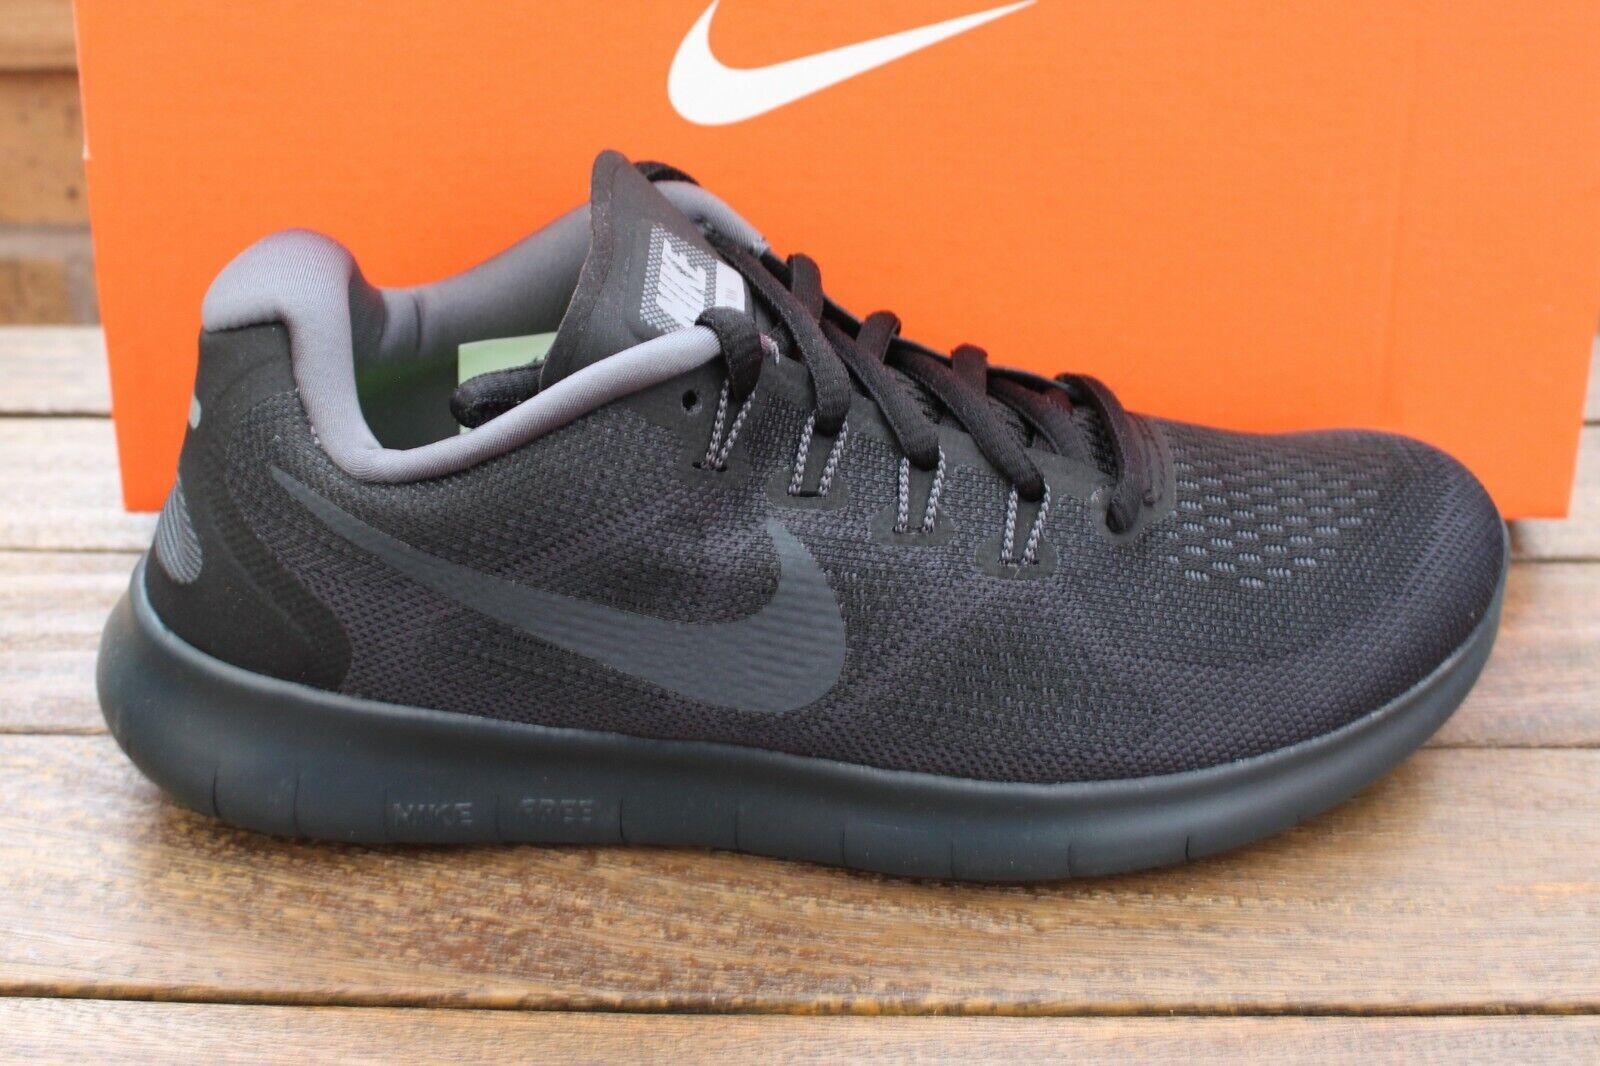 damen Nike Free RN 2017 Trainers 880840-003 UK sz4 EU sz37.5